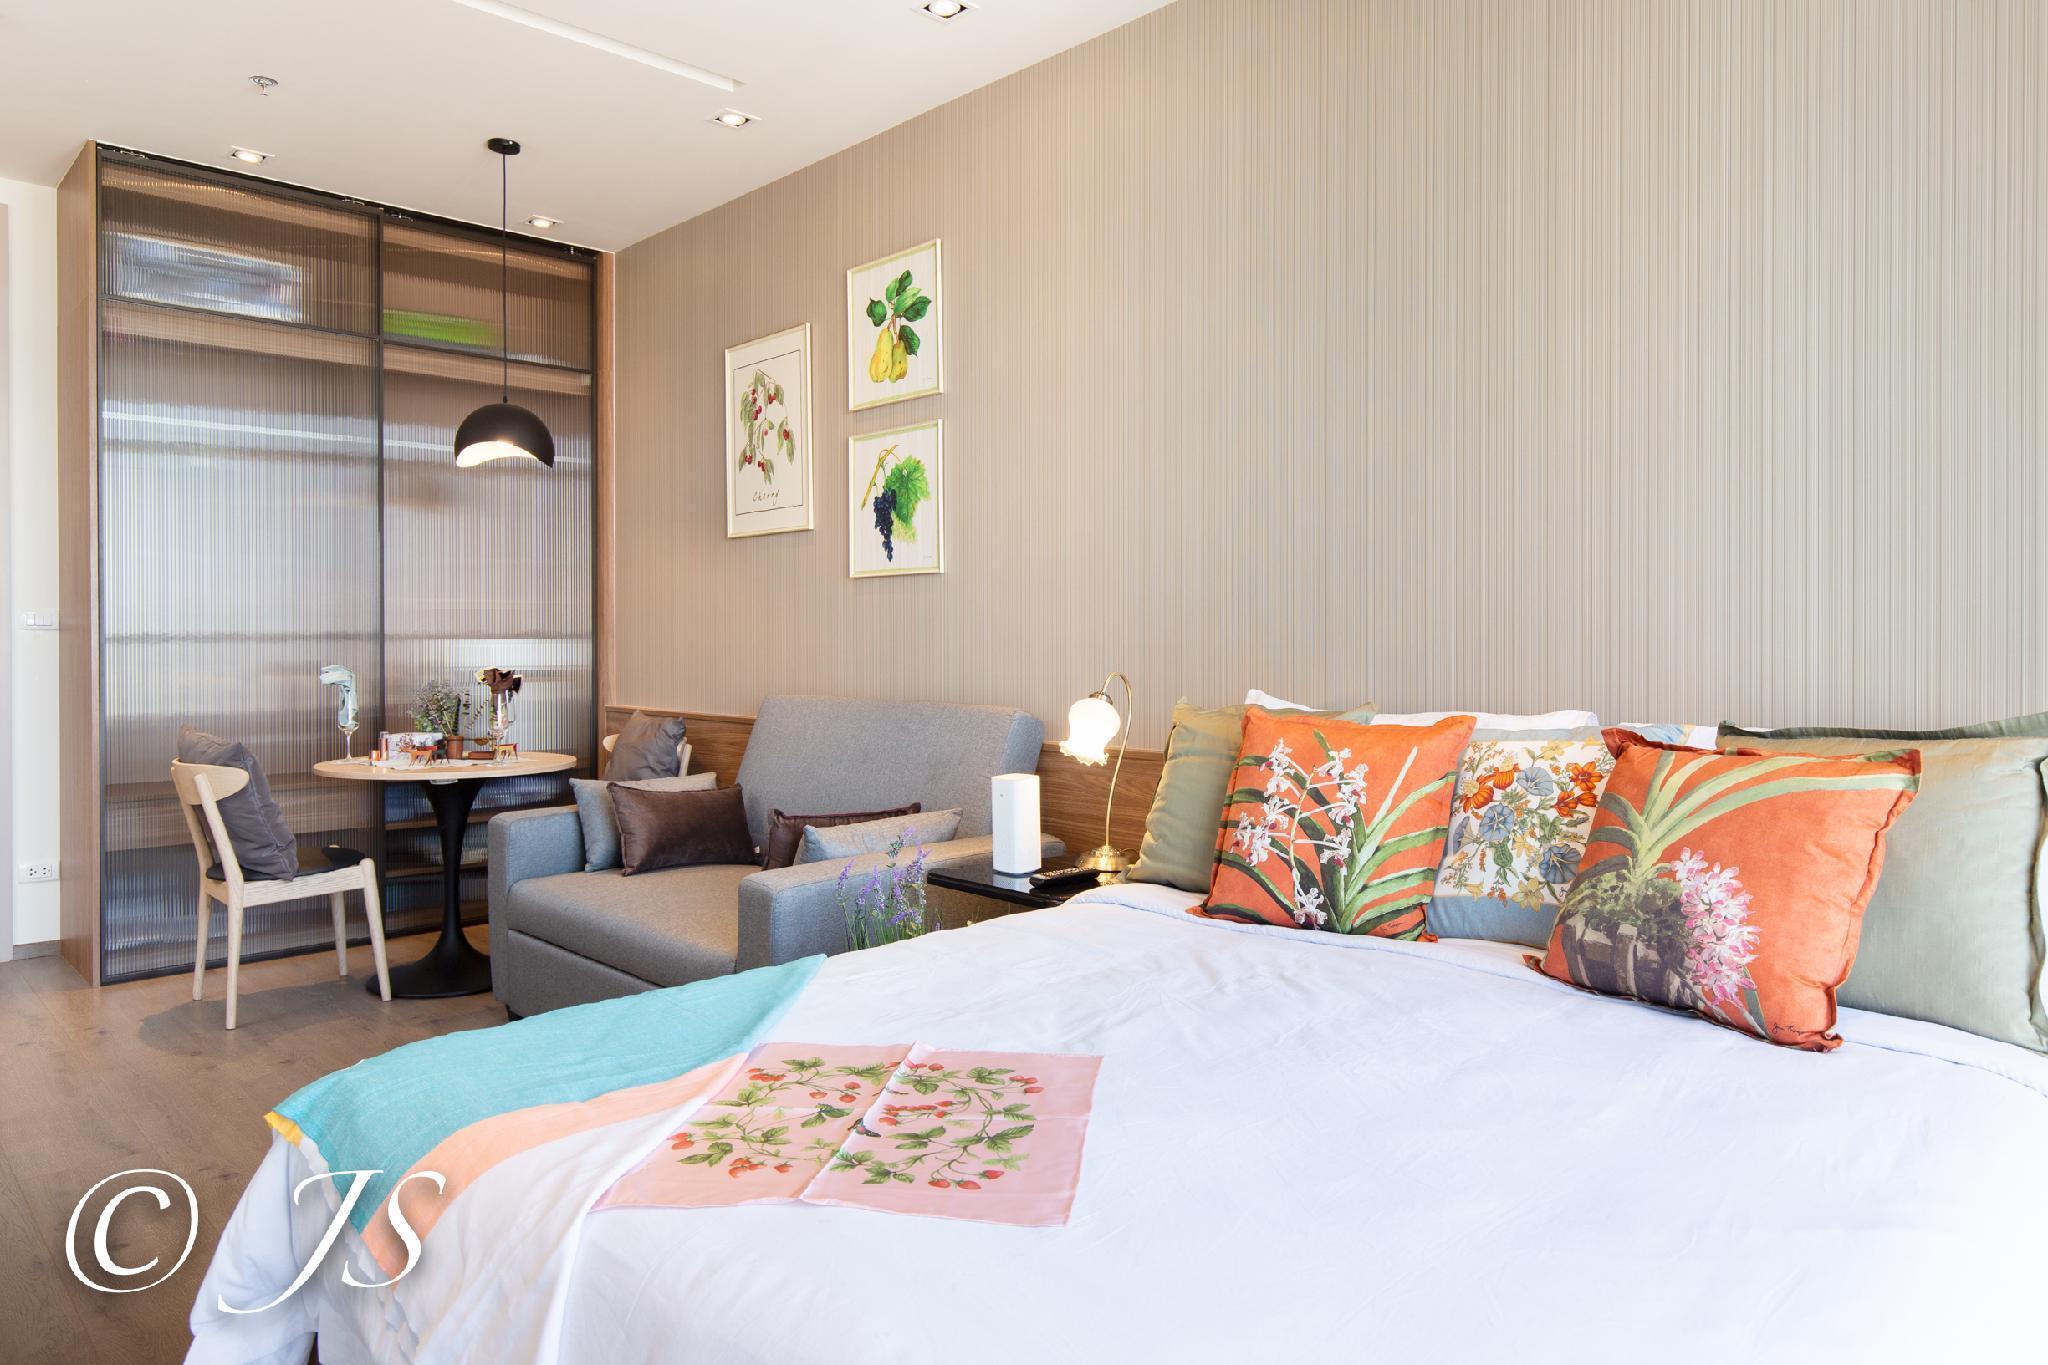 Park24 ChicStudio Luxury Pool/BTS/Central Bangkok อพาร์ตเมนต์ 1 ห้องนอน 1 ห้องน้ำส่วนตัว ขนาด 30 ตร.ม. – สุขุมวิท